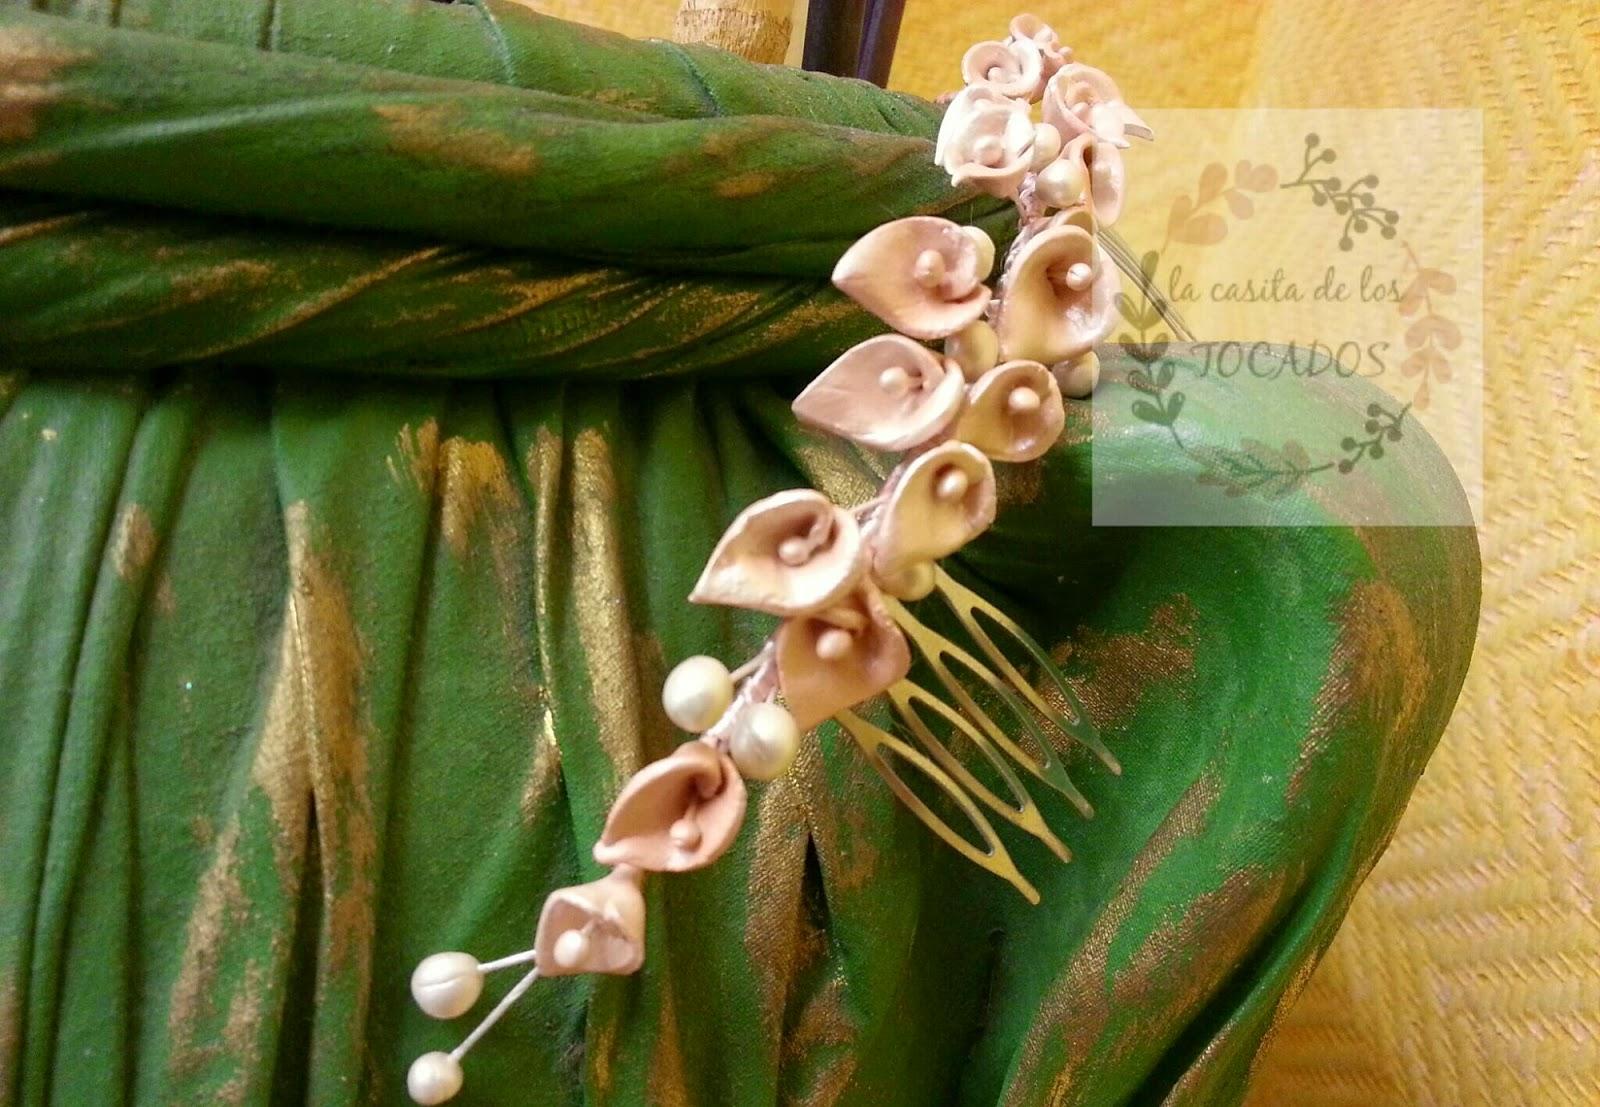 tocado para novia discreto de porcelana fría en colores nude y blanco perla